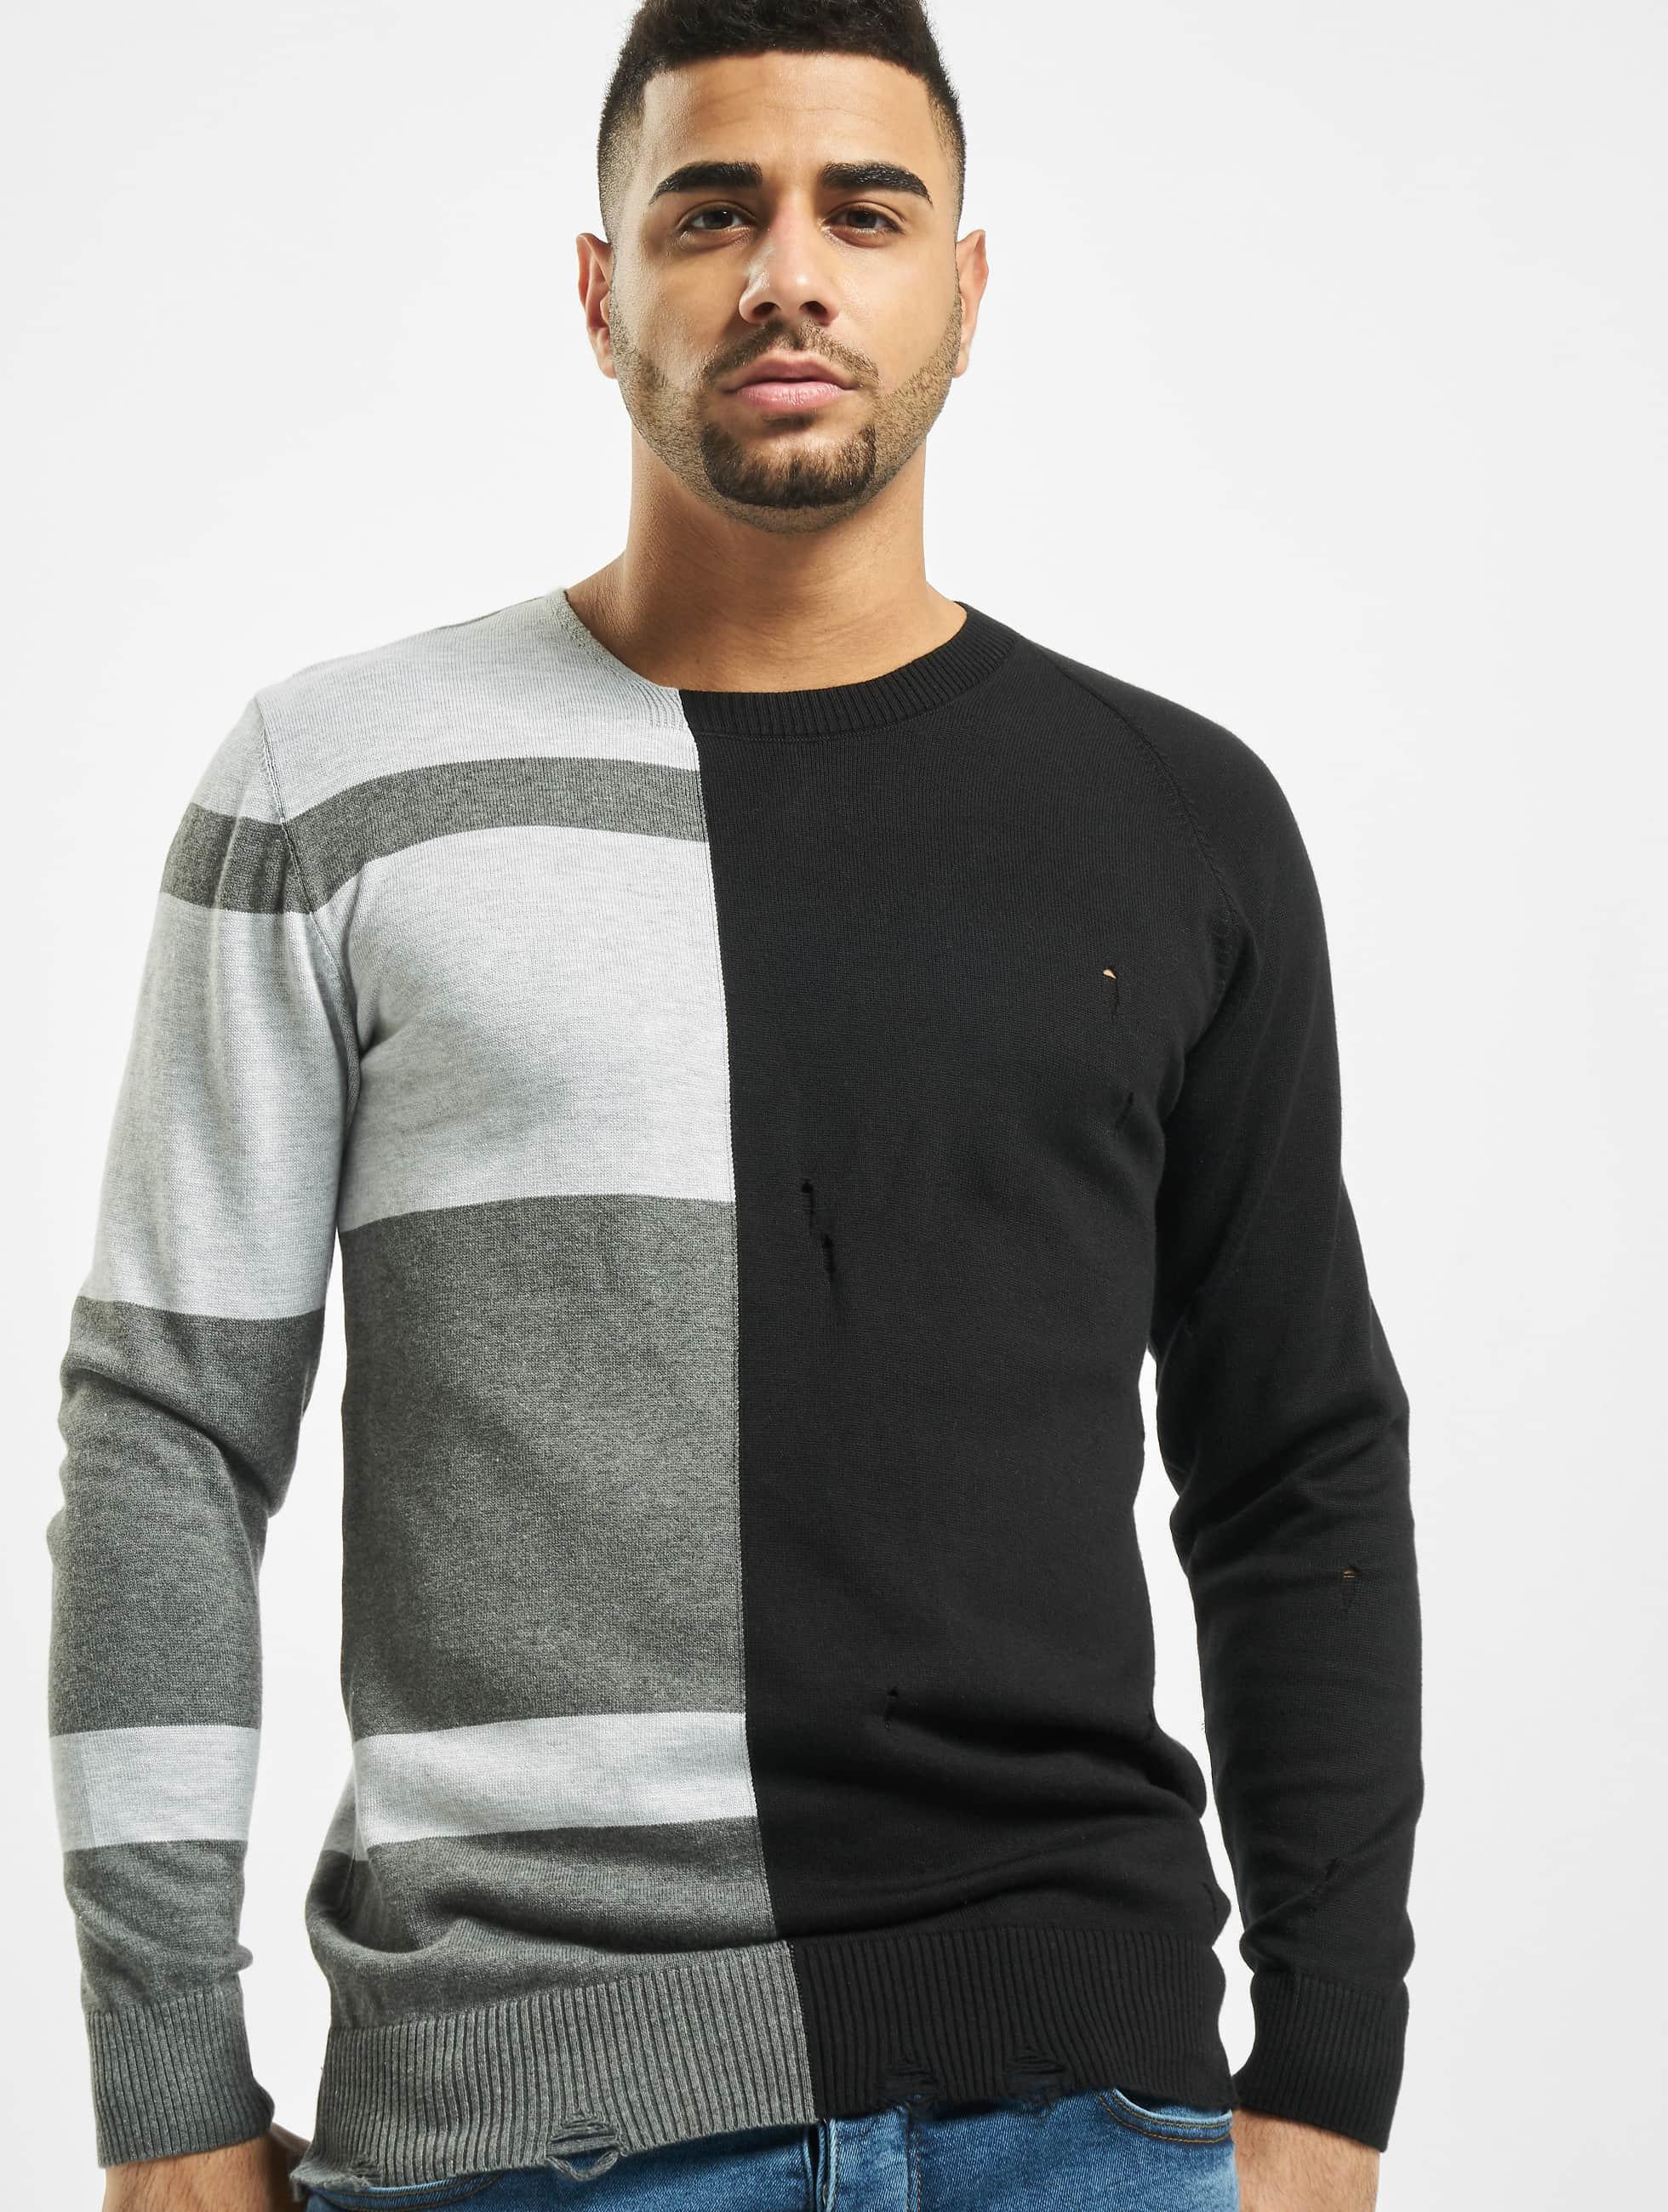 2Y / Jumper Poplar Knit in black XL